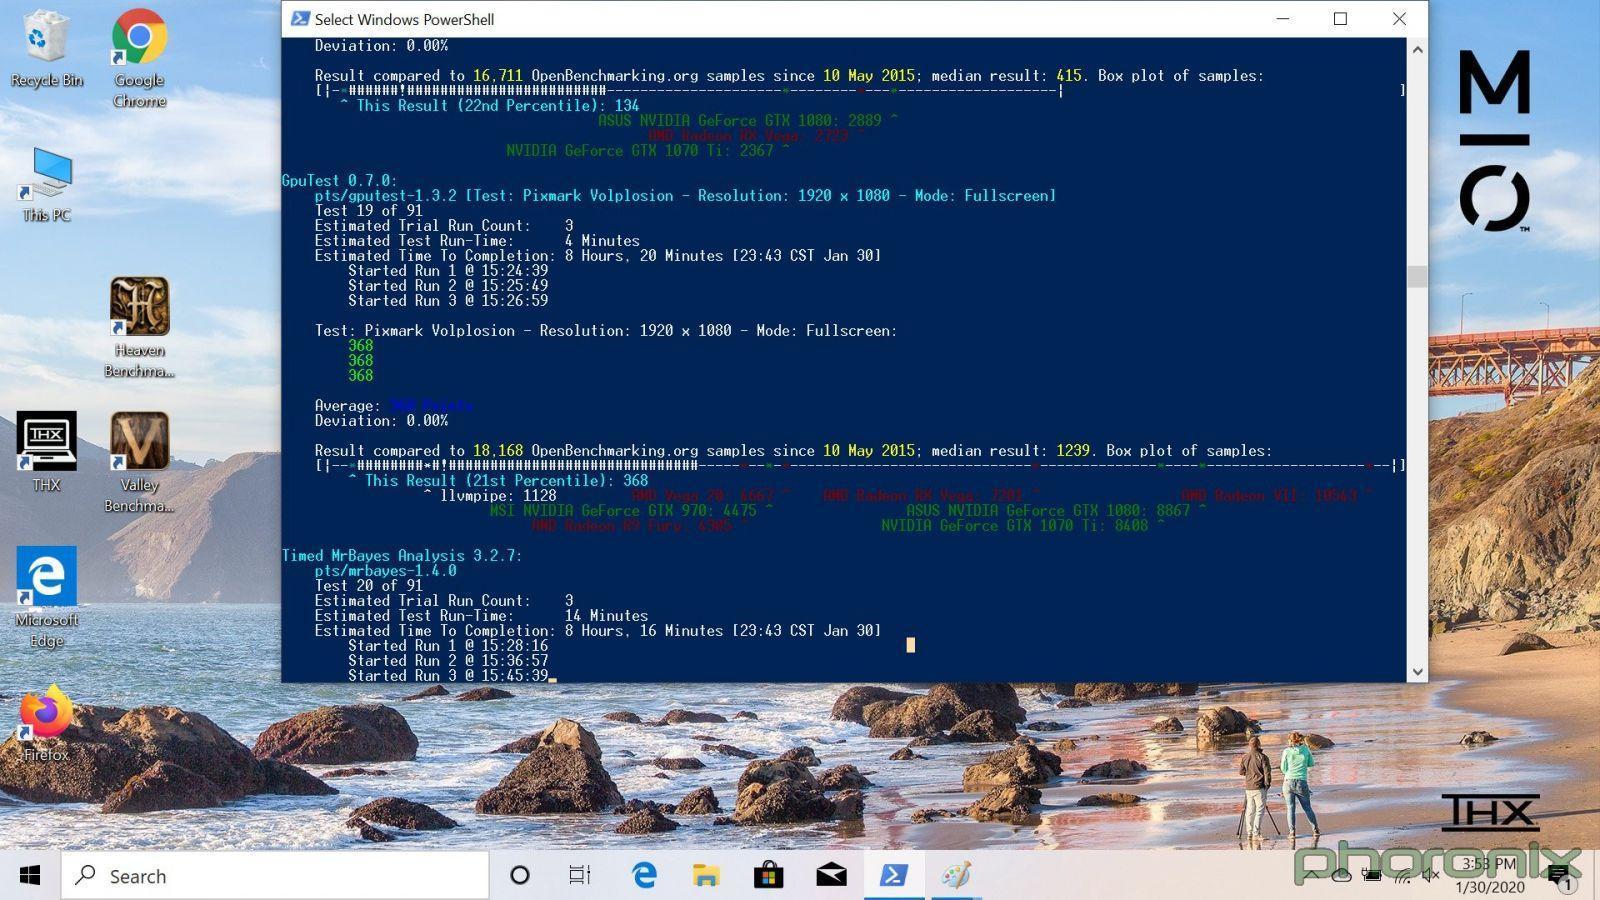 Ubuntu в тесте на производительность оказалась быстрее, чем Windows 10 (image 1 large)